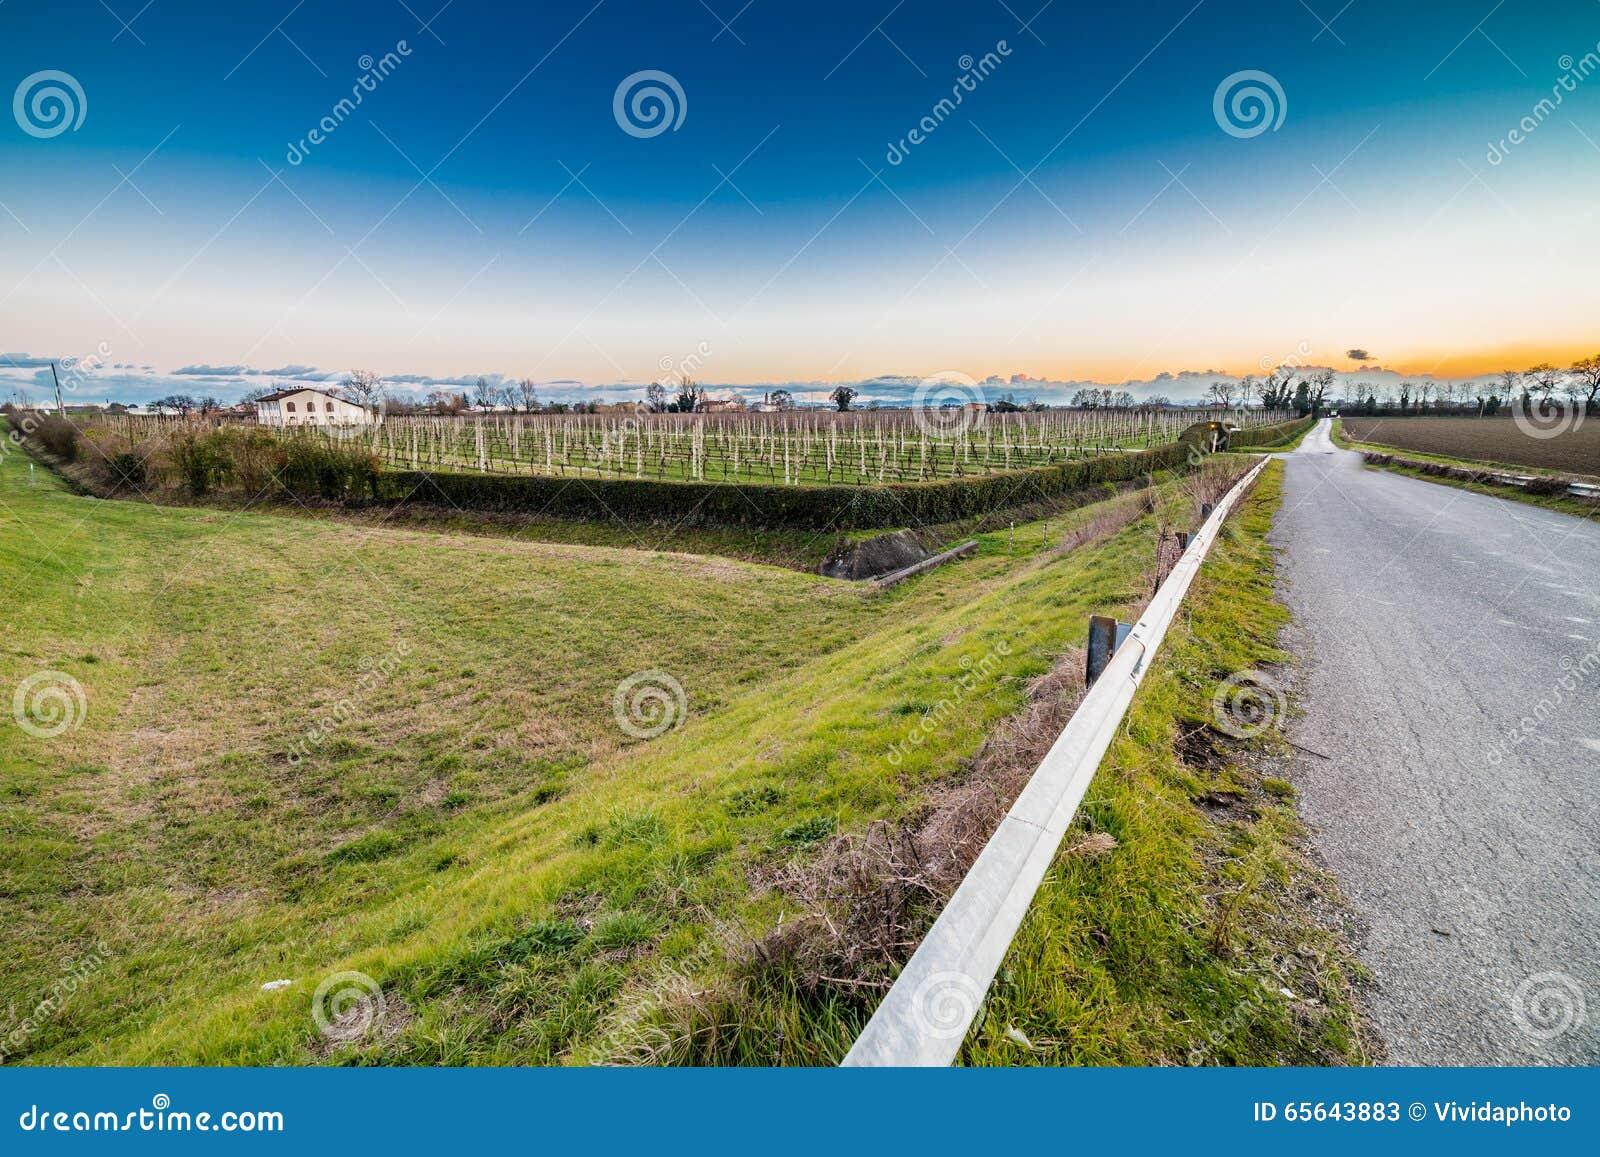 Canal et agriculture de l eau